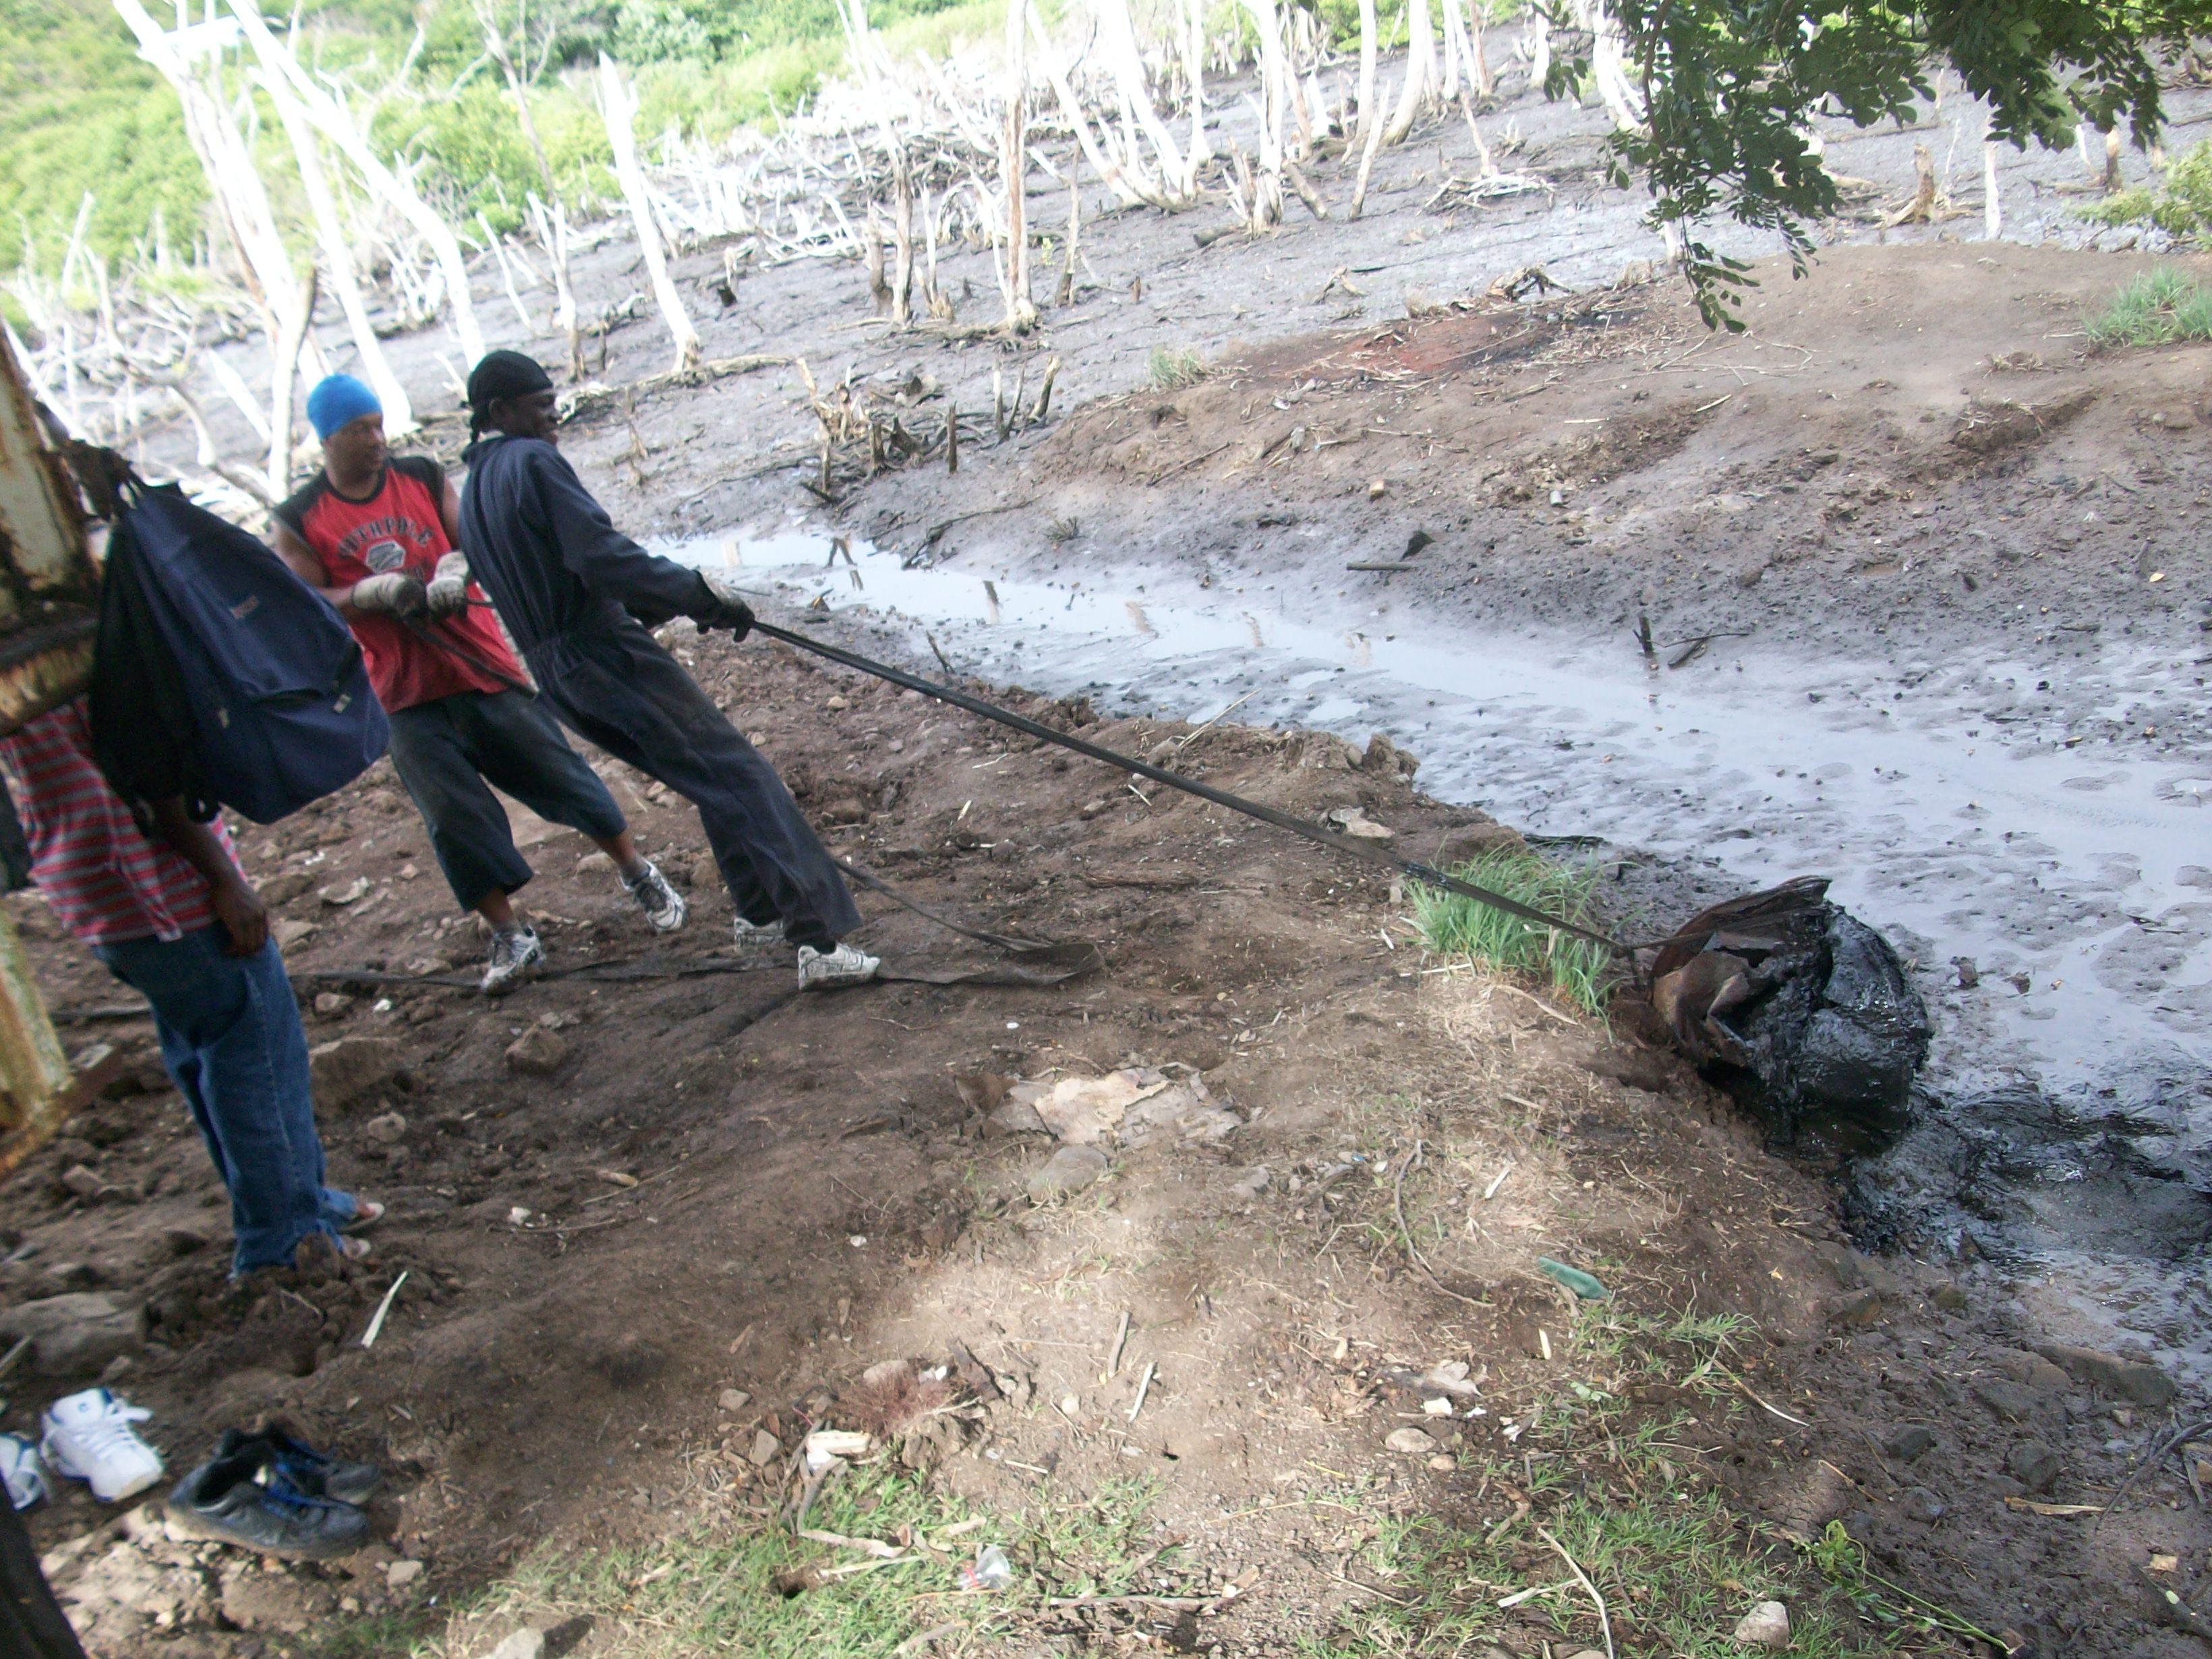 Resident removing garbage